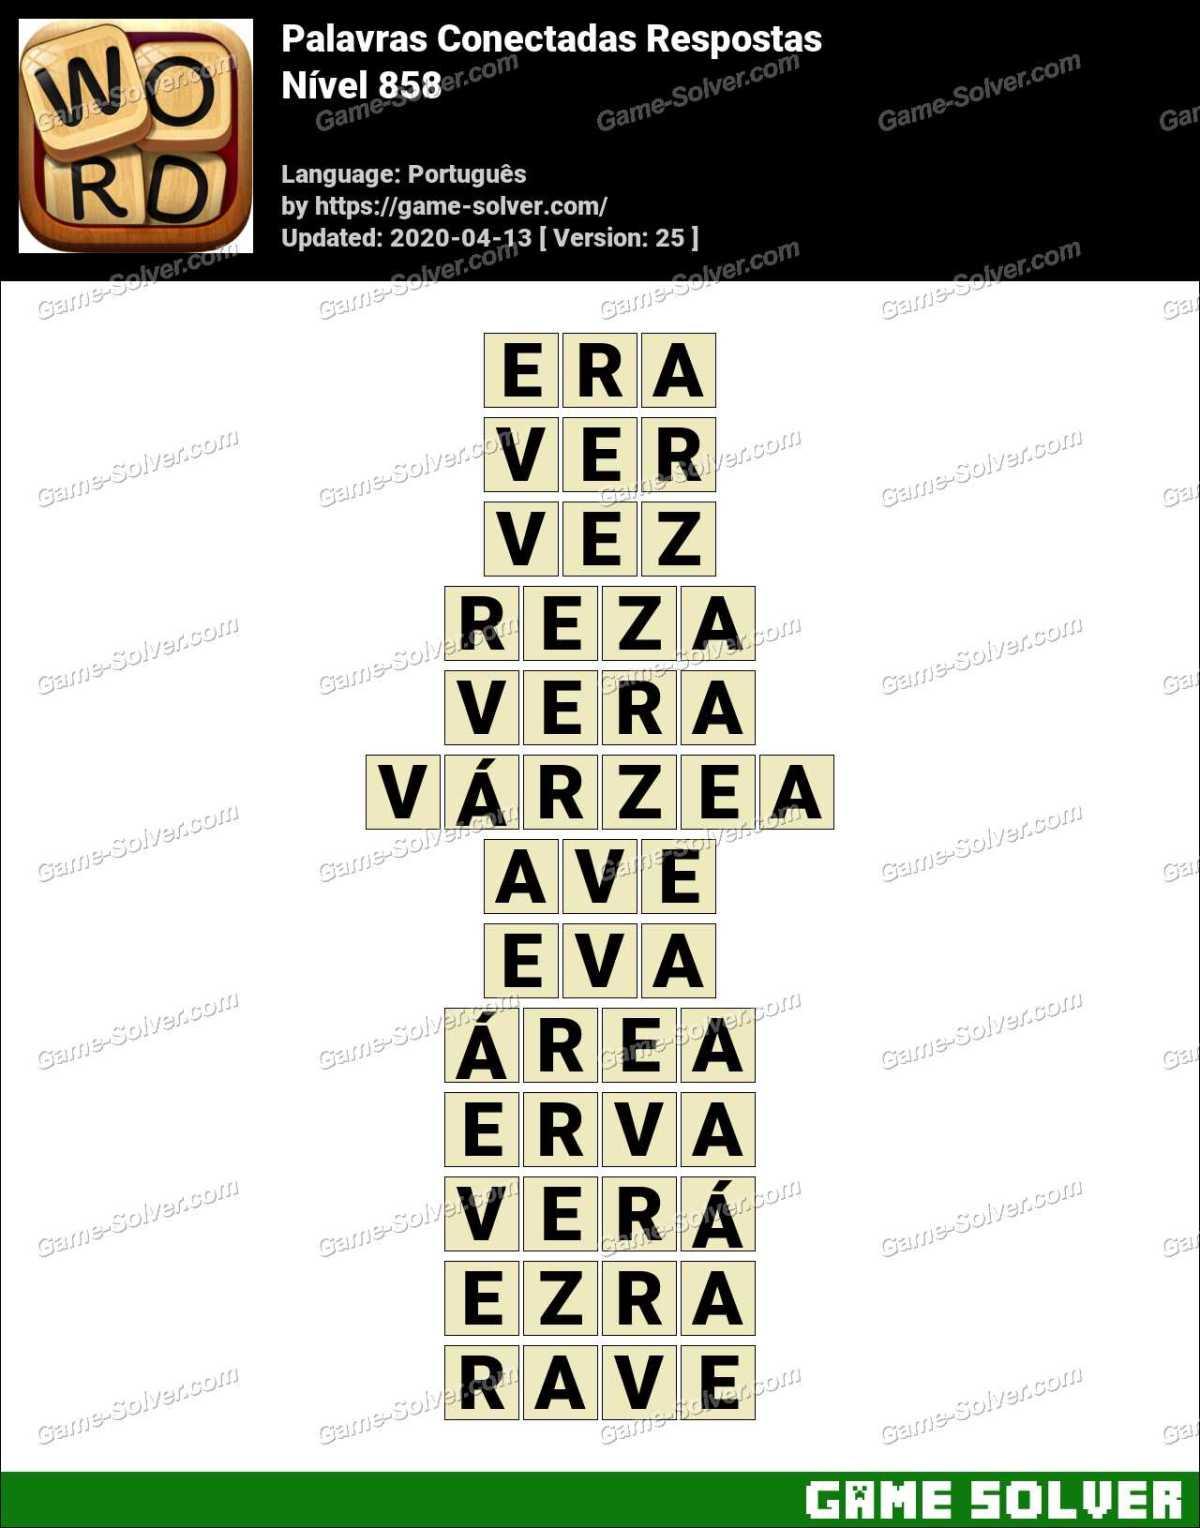 Palavras Conectadas Nivel 858 Respostas